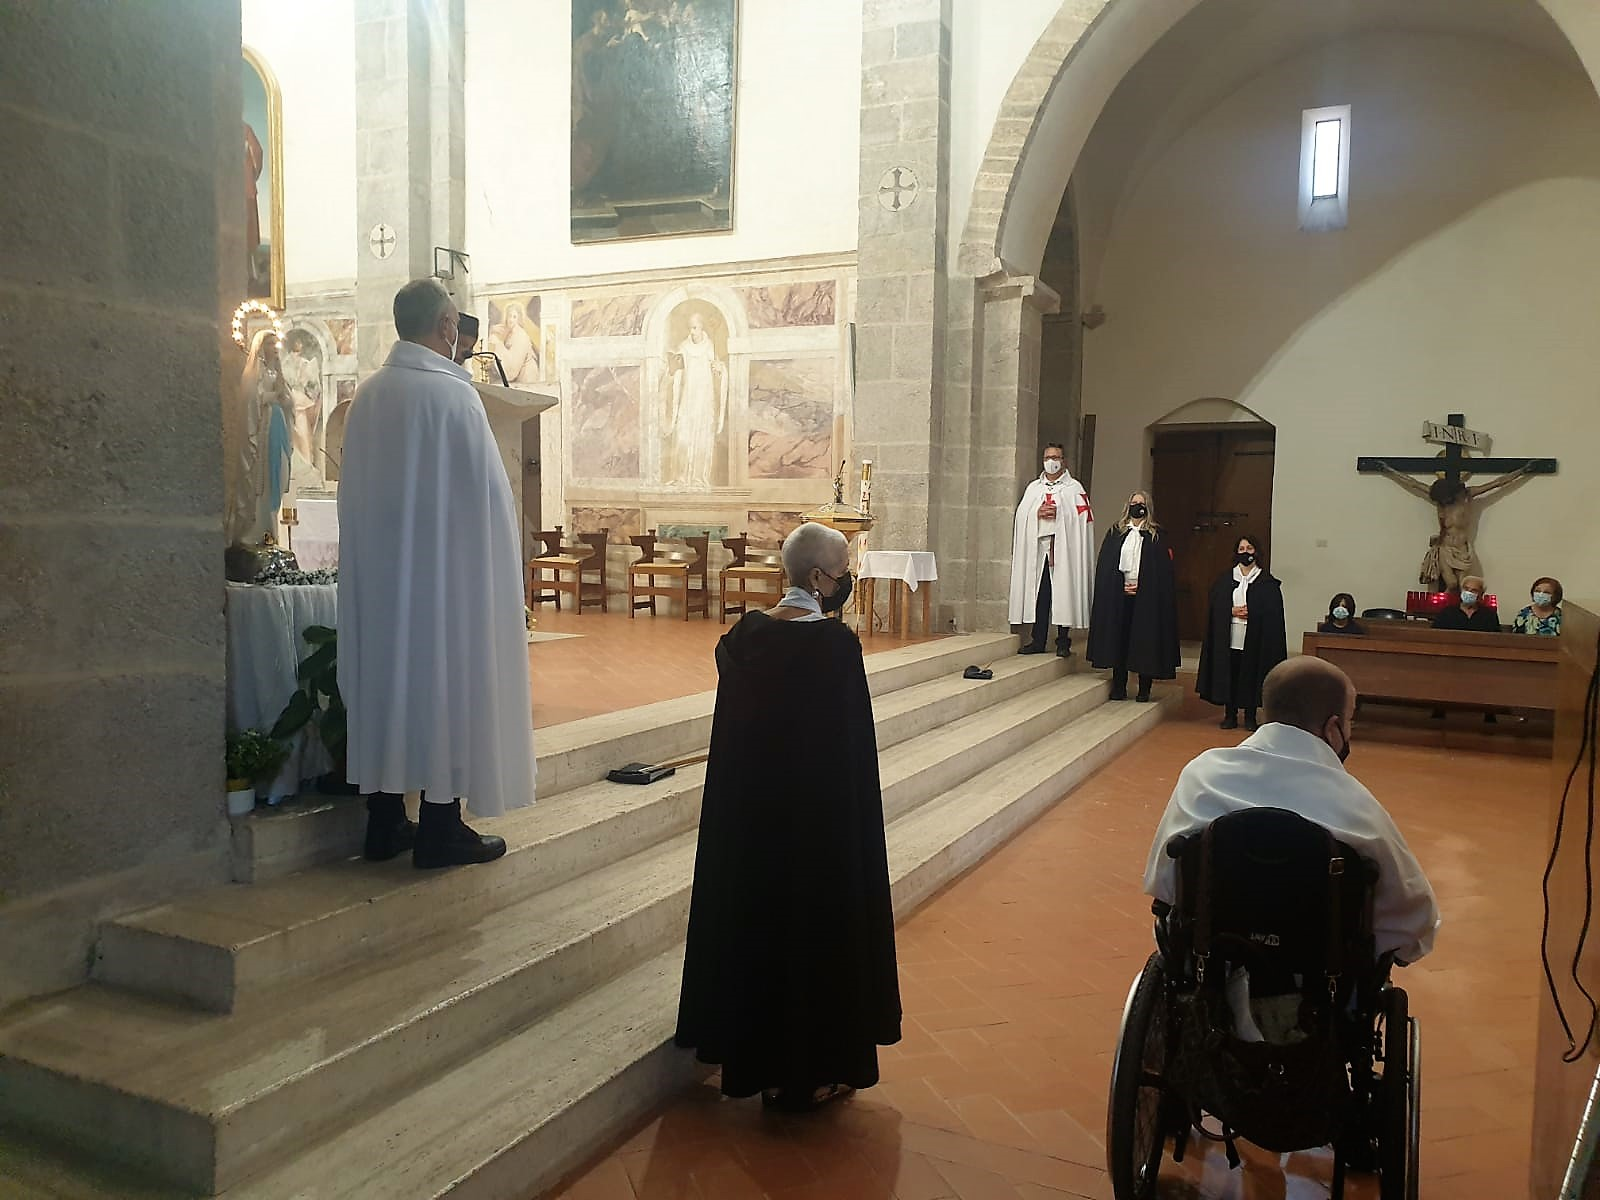 Custodia presso l'Abbazia di Valvisciolo e Chiesa della Madonna del Fossato a Sermoneta (LT) 19.09.2021